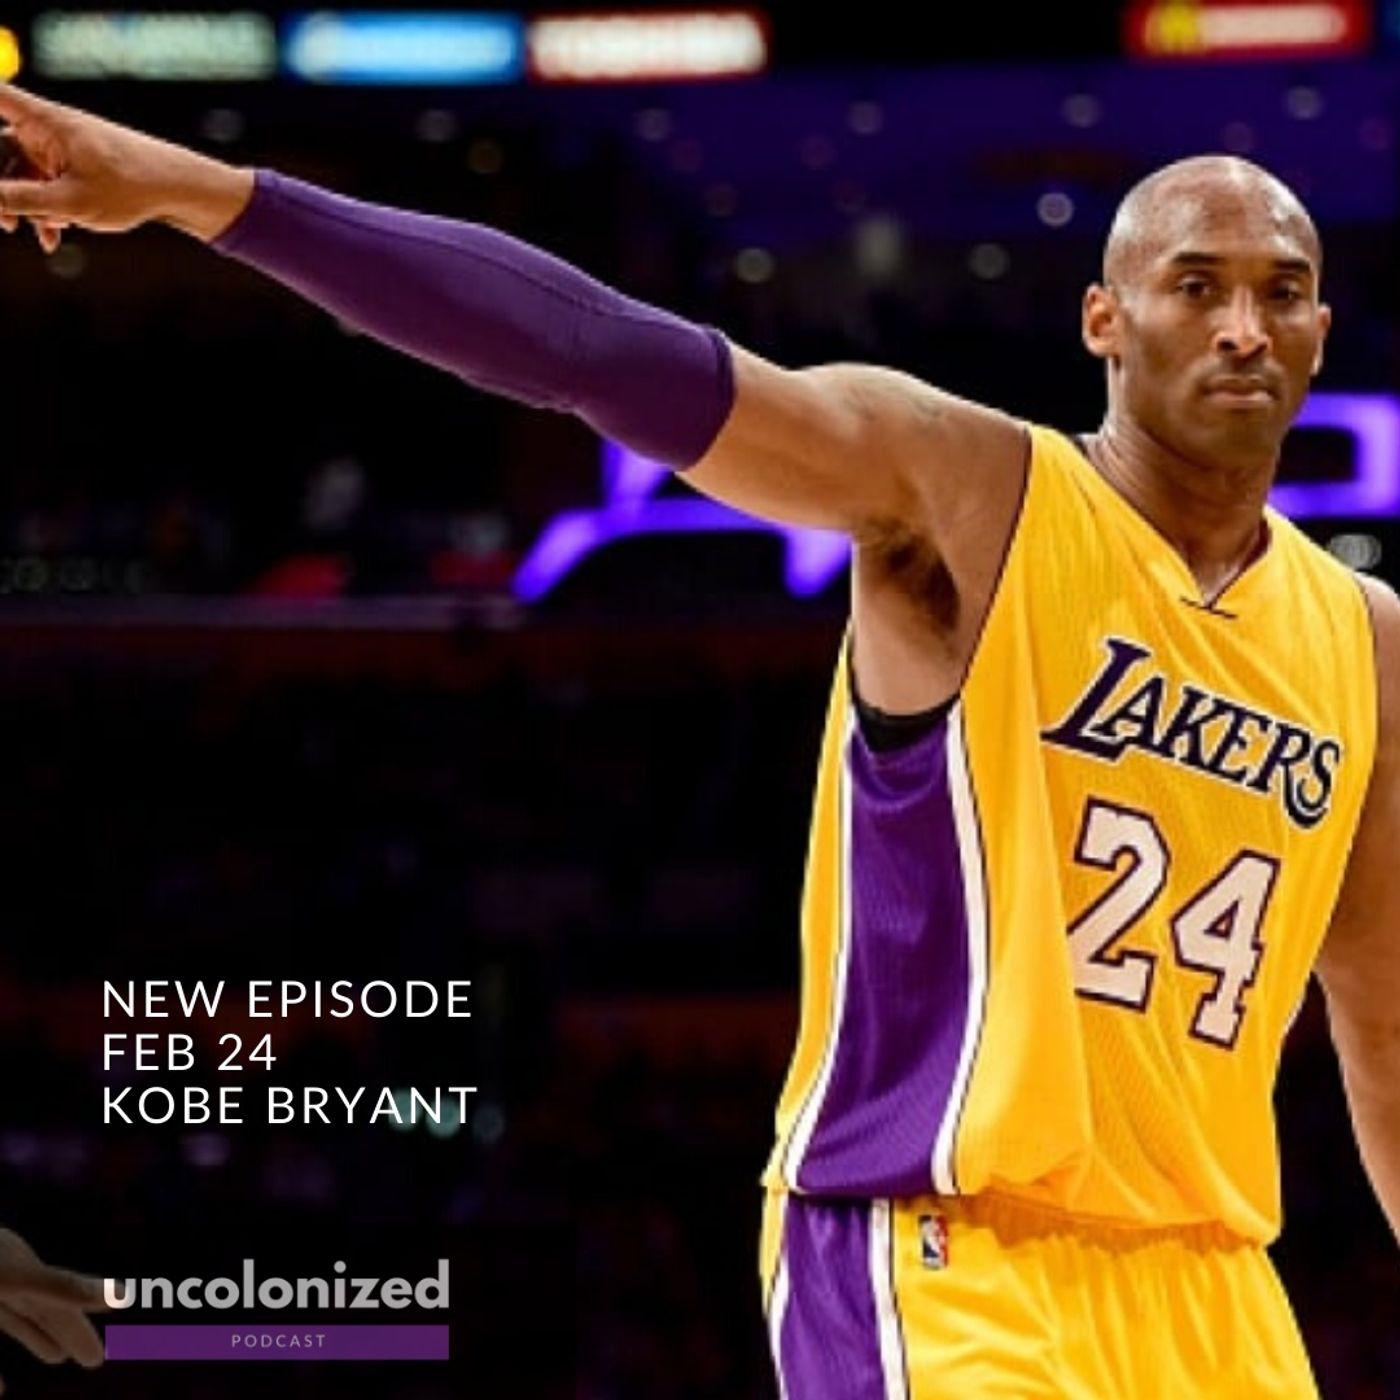 S04E19 - Kobe Bryant